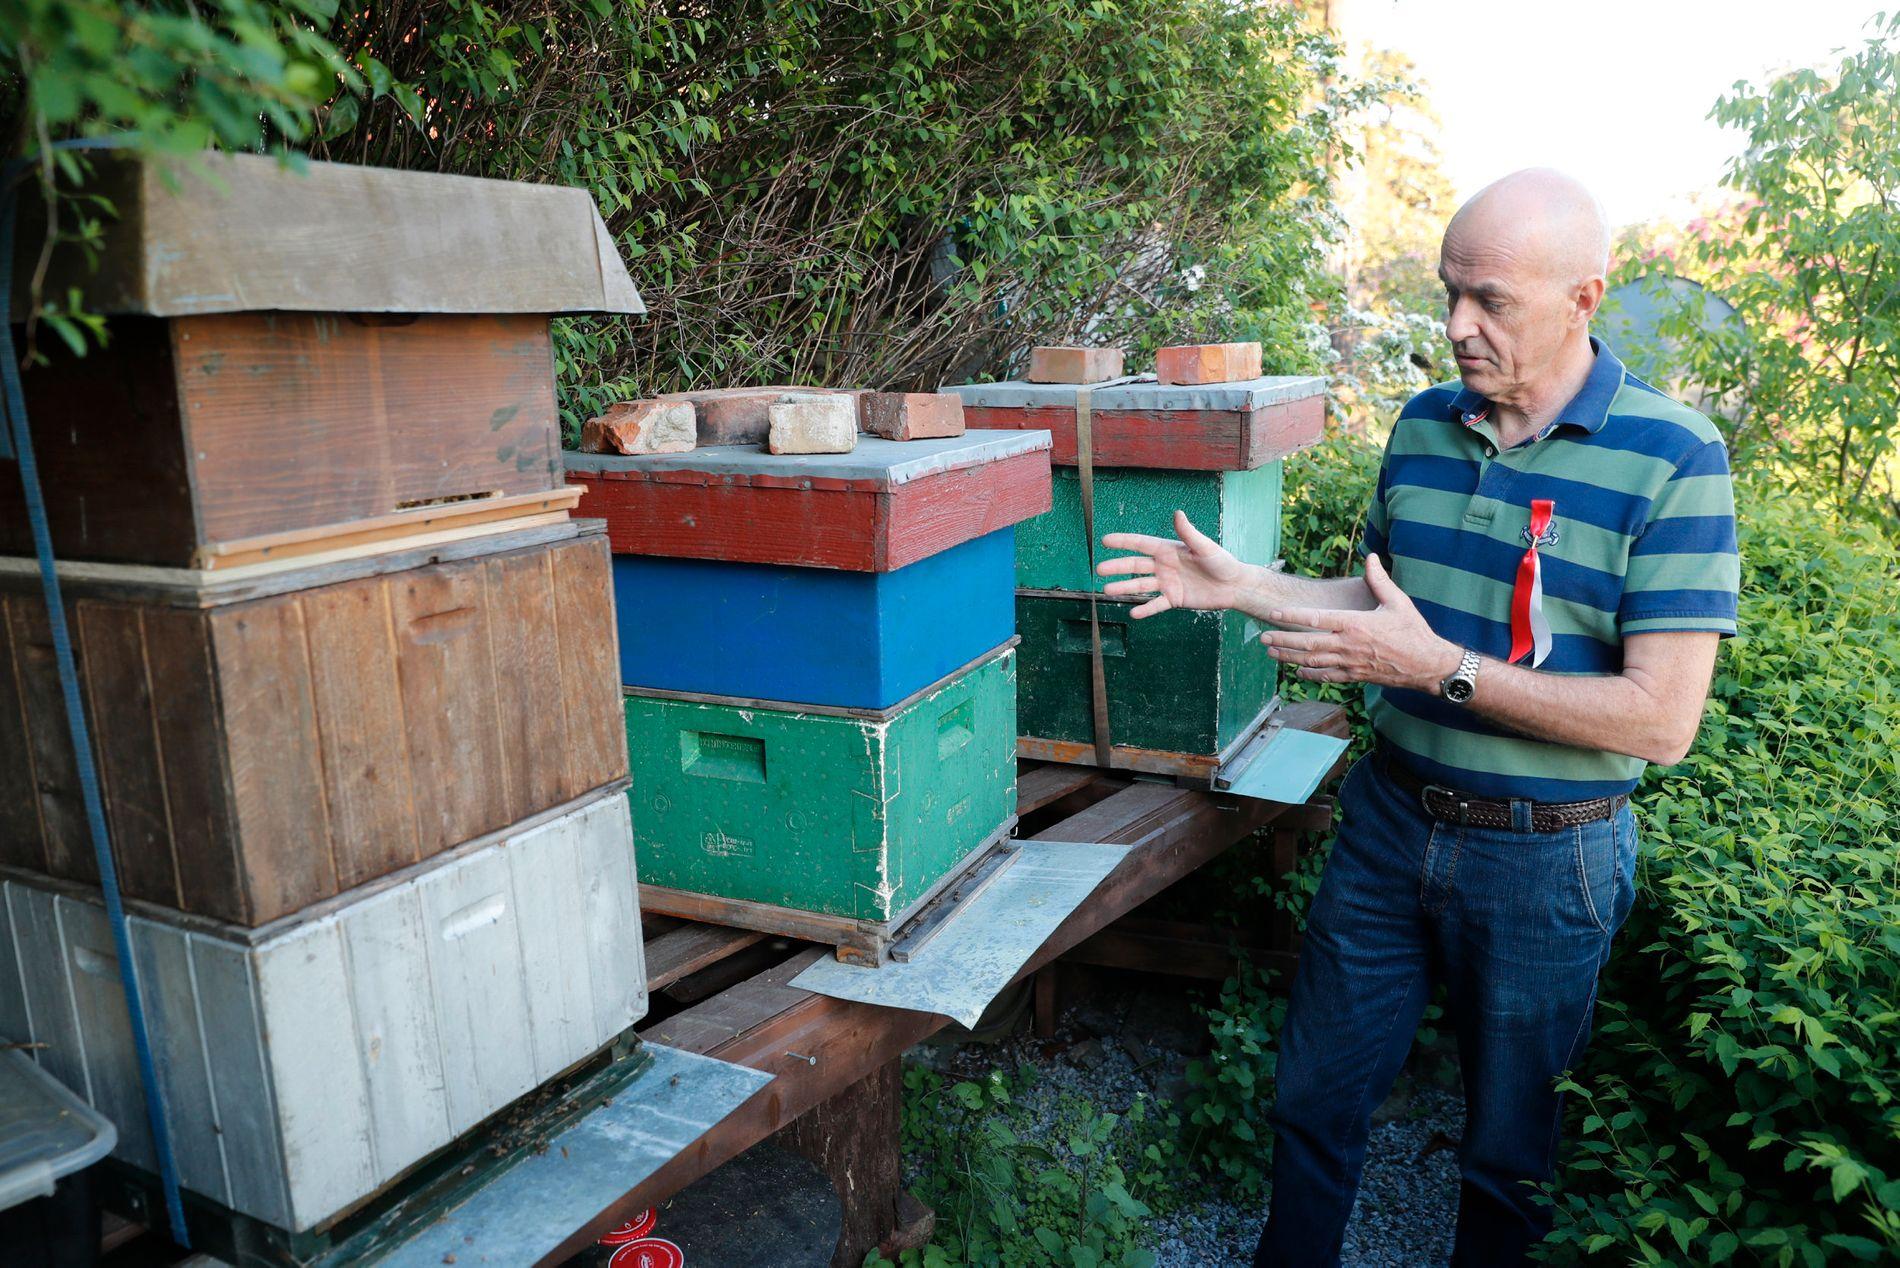 TOMME BIKUBER: Biene stakk fra bikubene på Nordstrand. Eier Trygve Kjelestrup utlover en krukke biodynamisk honning som finnerlønn.